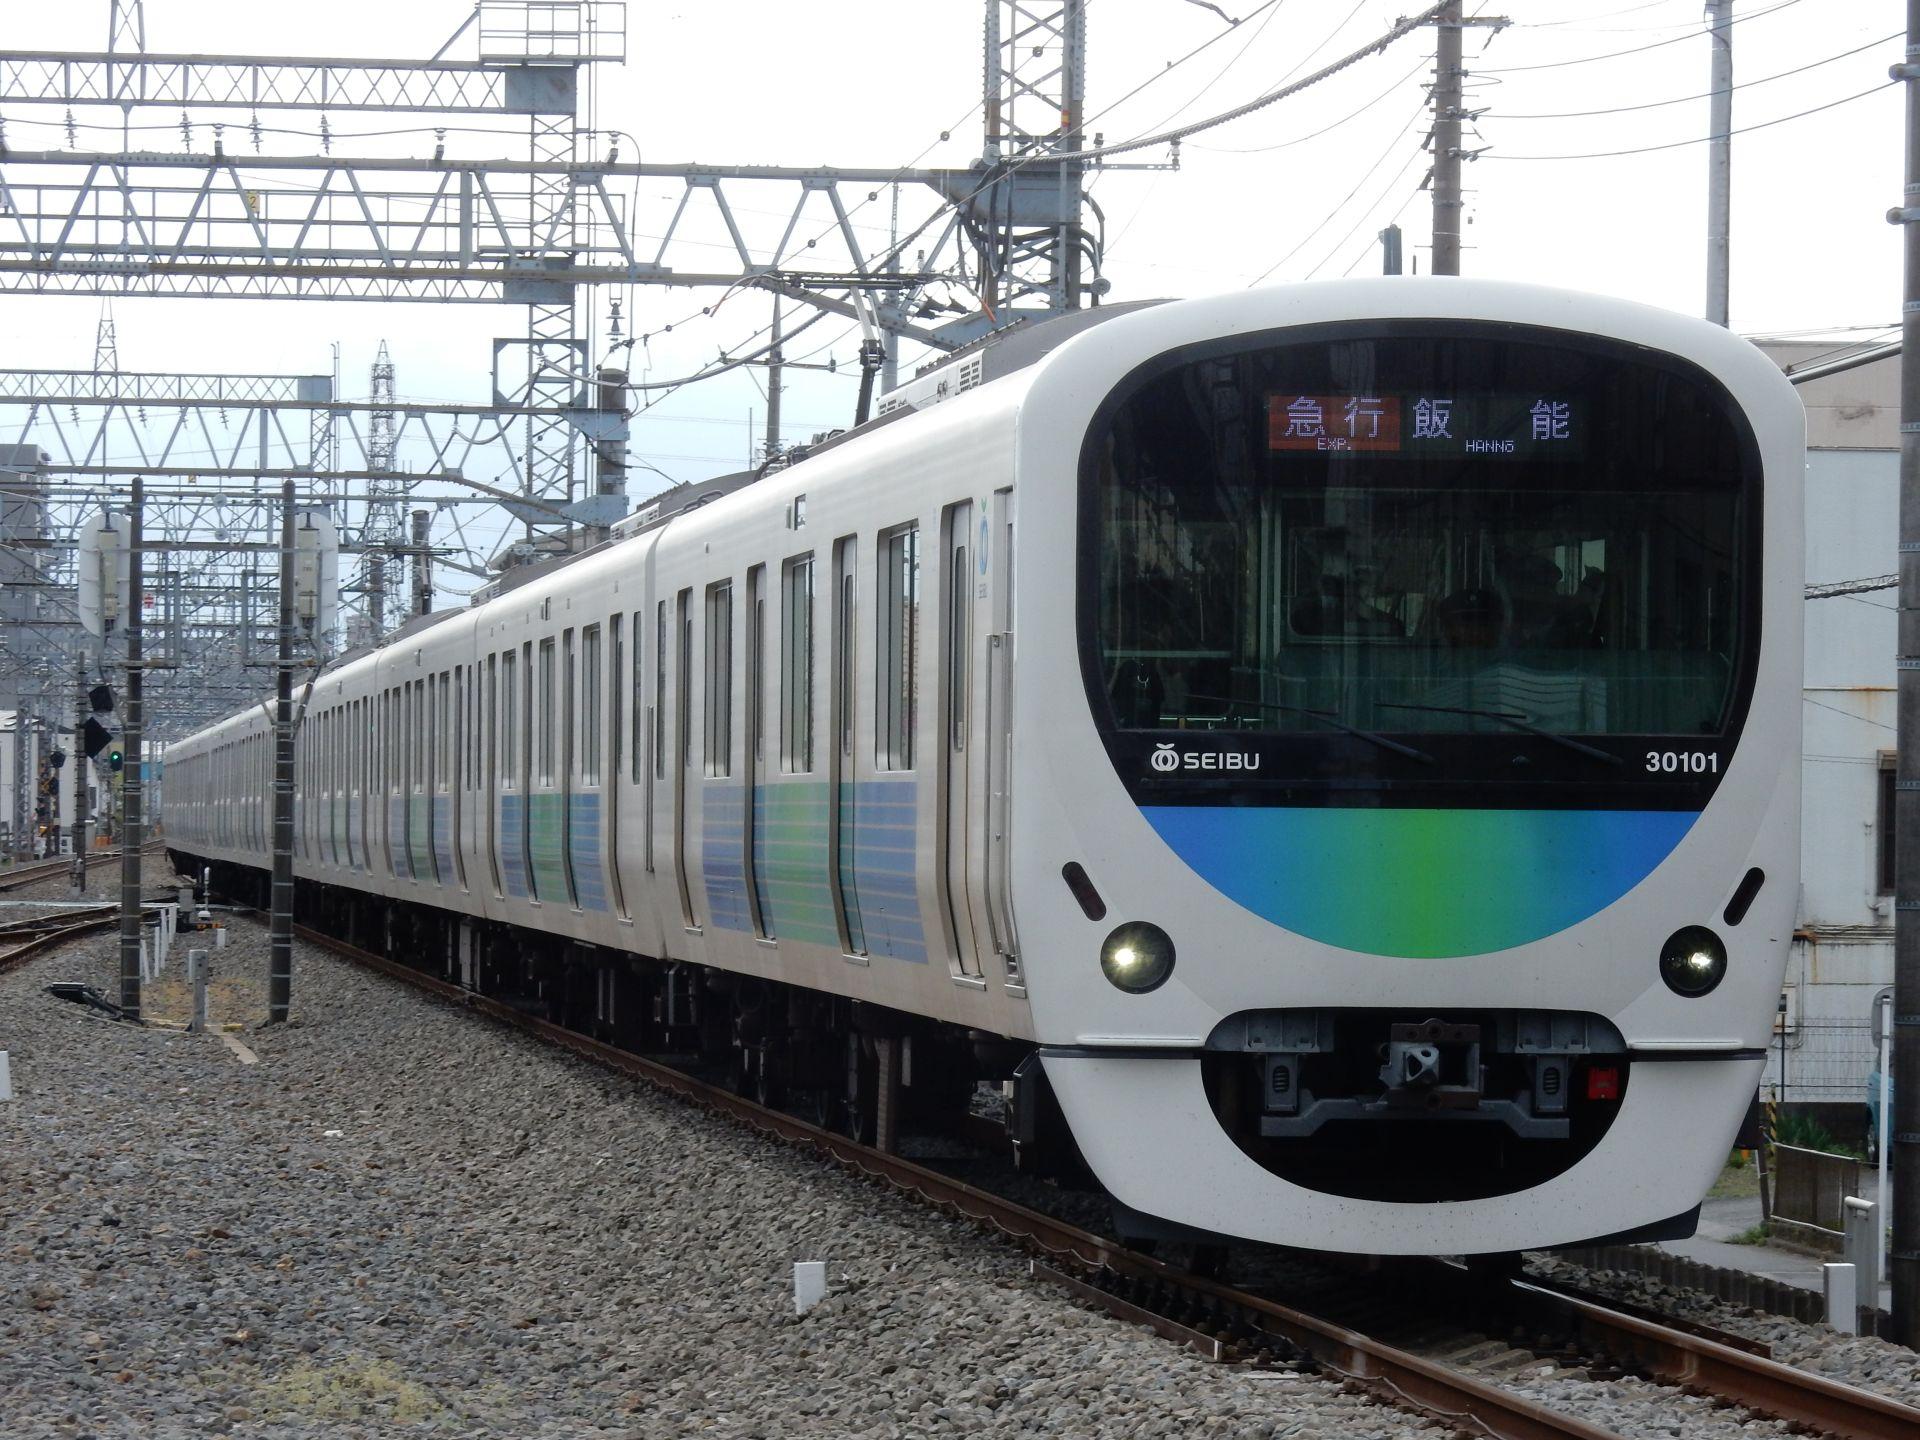 DSCN7251 - コピー